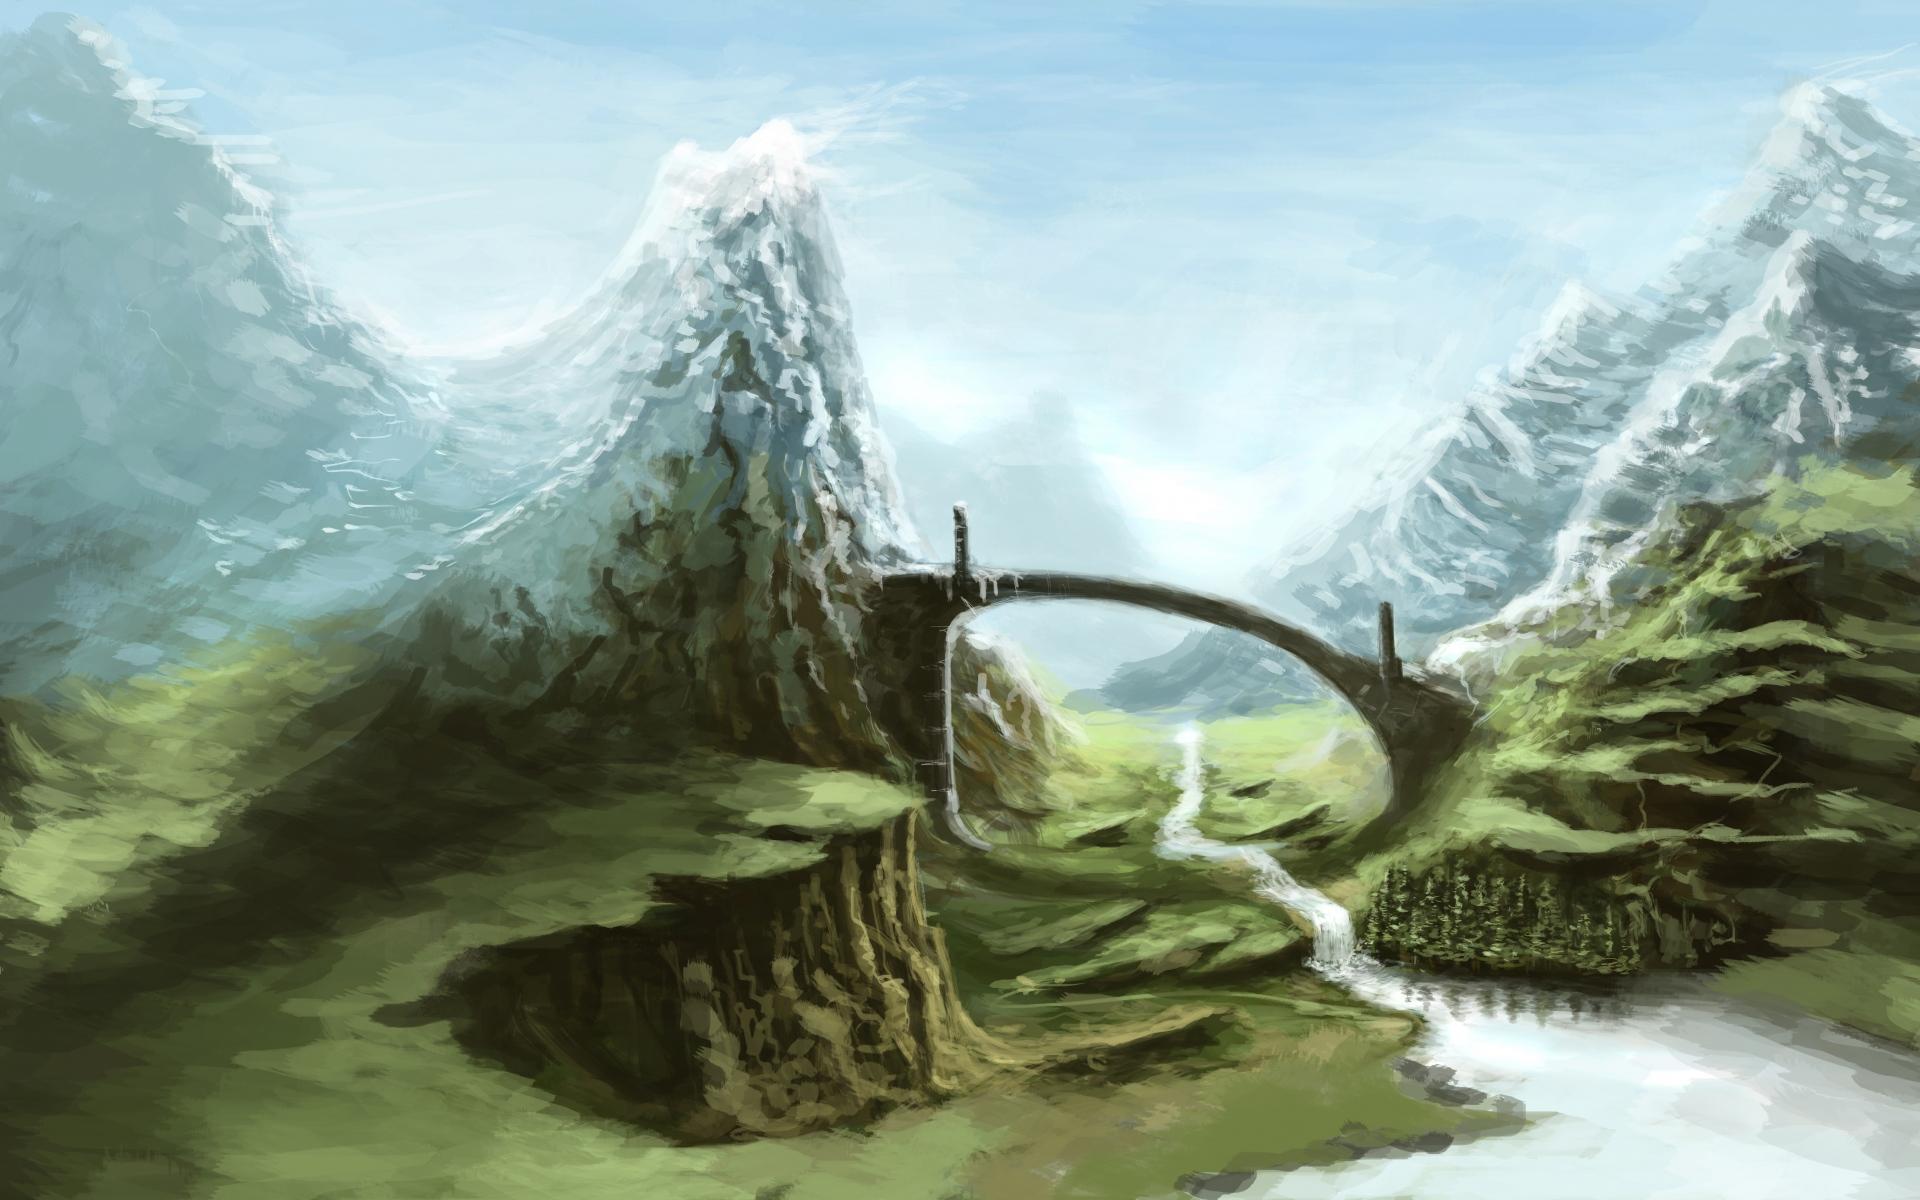 Картинки Skyrim, природа, искусство фото и обои на рабочий стол